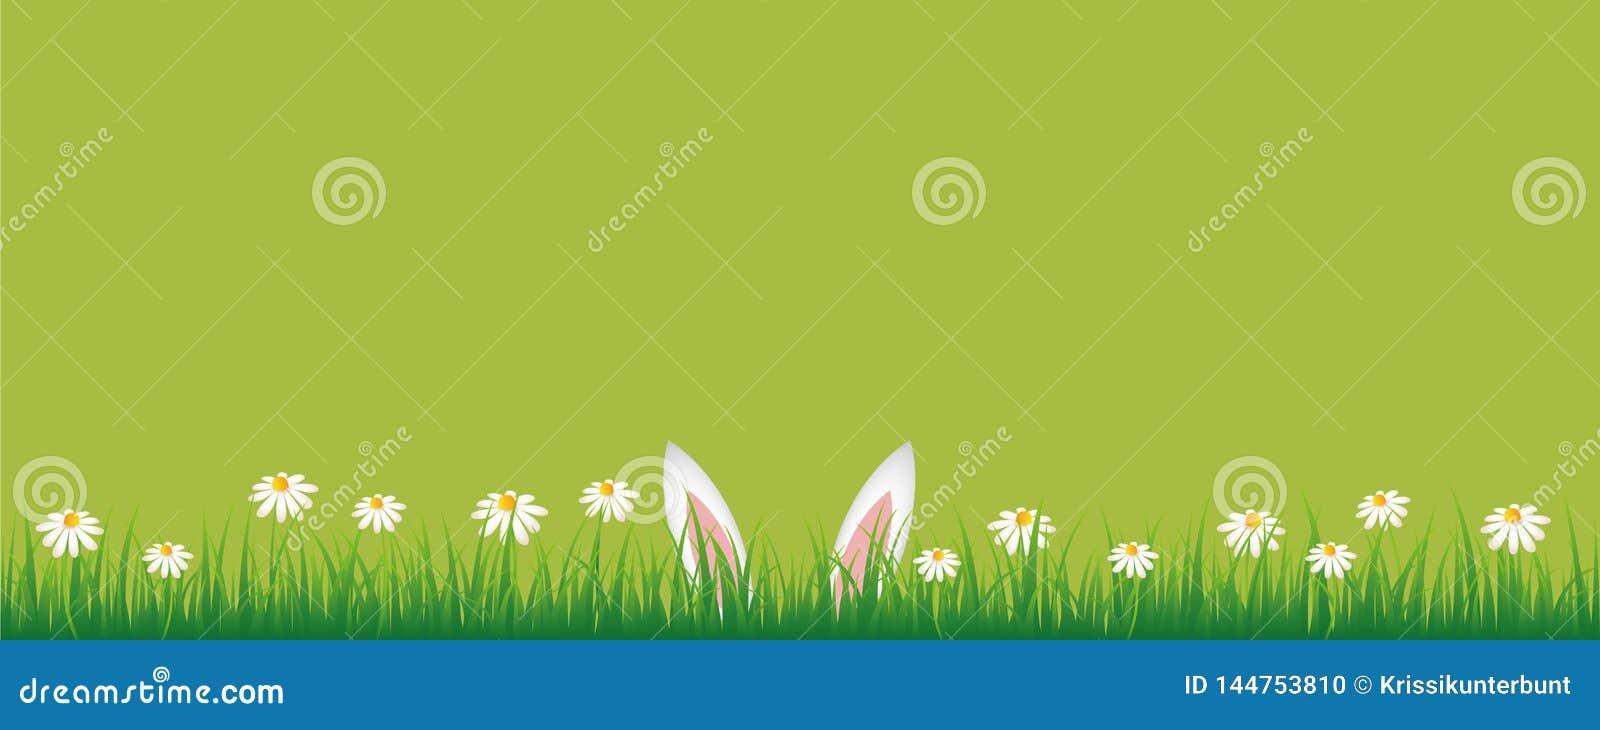 Królików ucho w zielonej łące z białej stokrotki kwiatów zielonym sztandarem z kopii przestrzenią